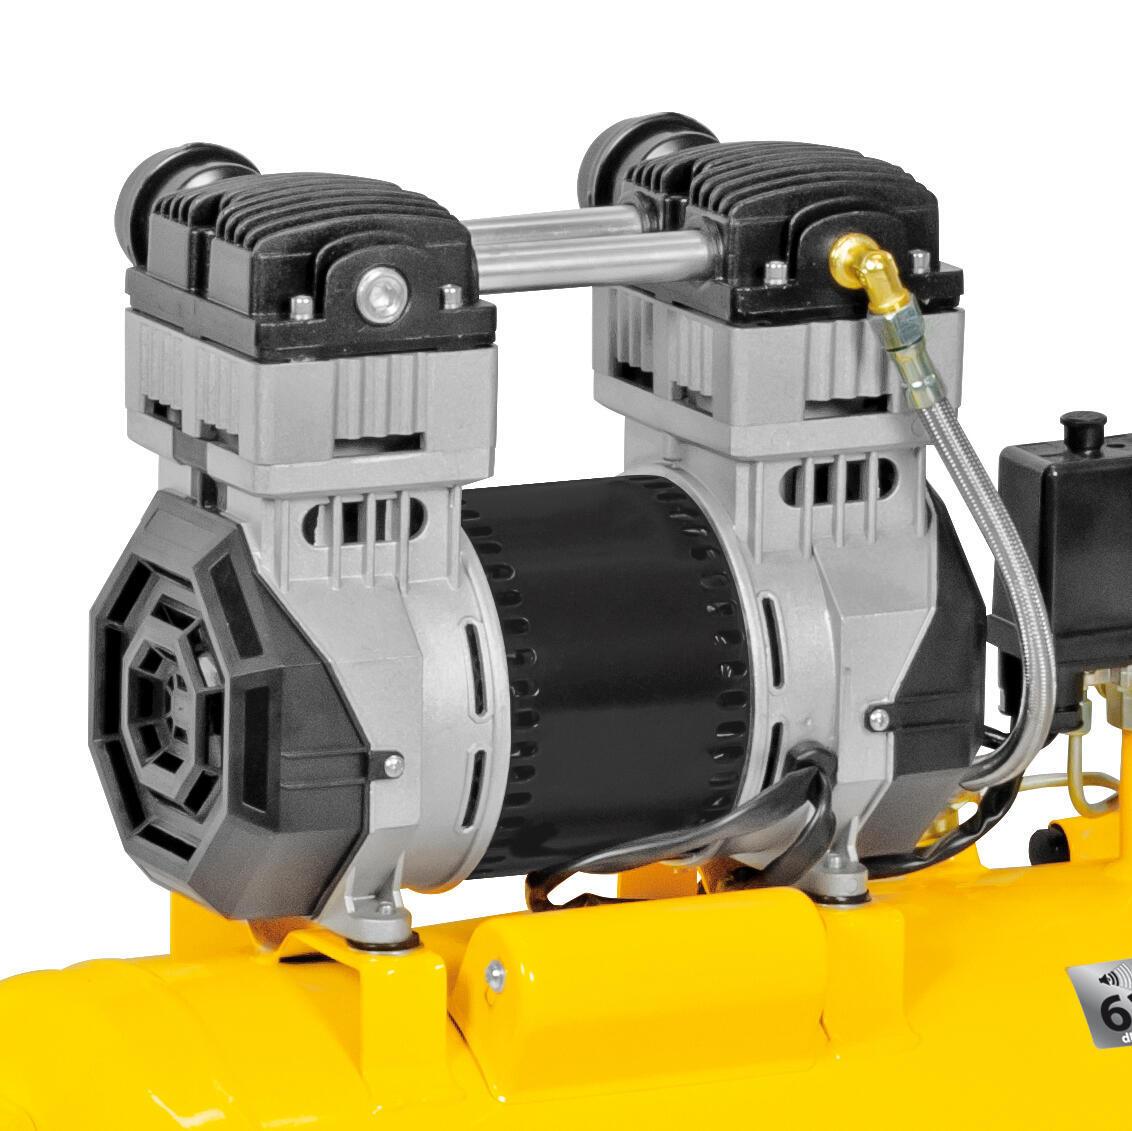 Compressore silenziato STANLEY SXCMS2050HE, 2 hp, 8 bar, 50 L - 2